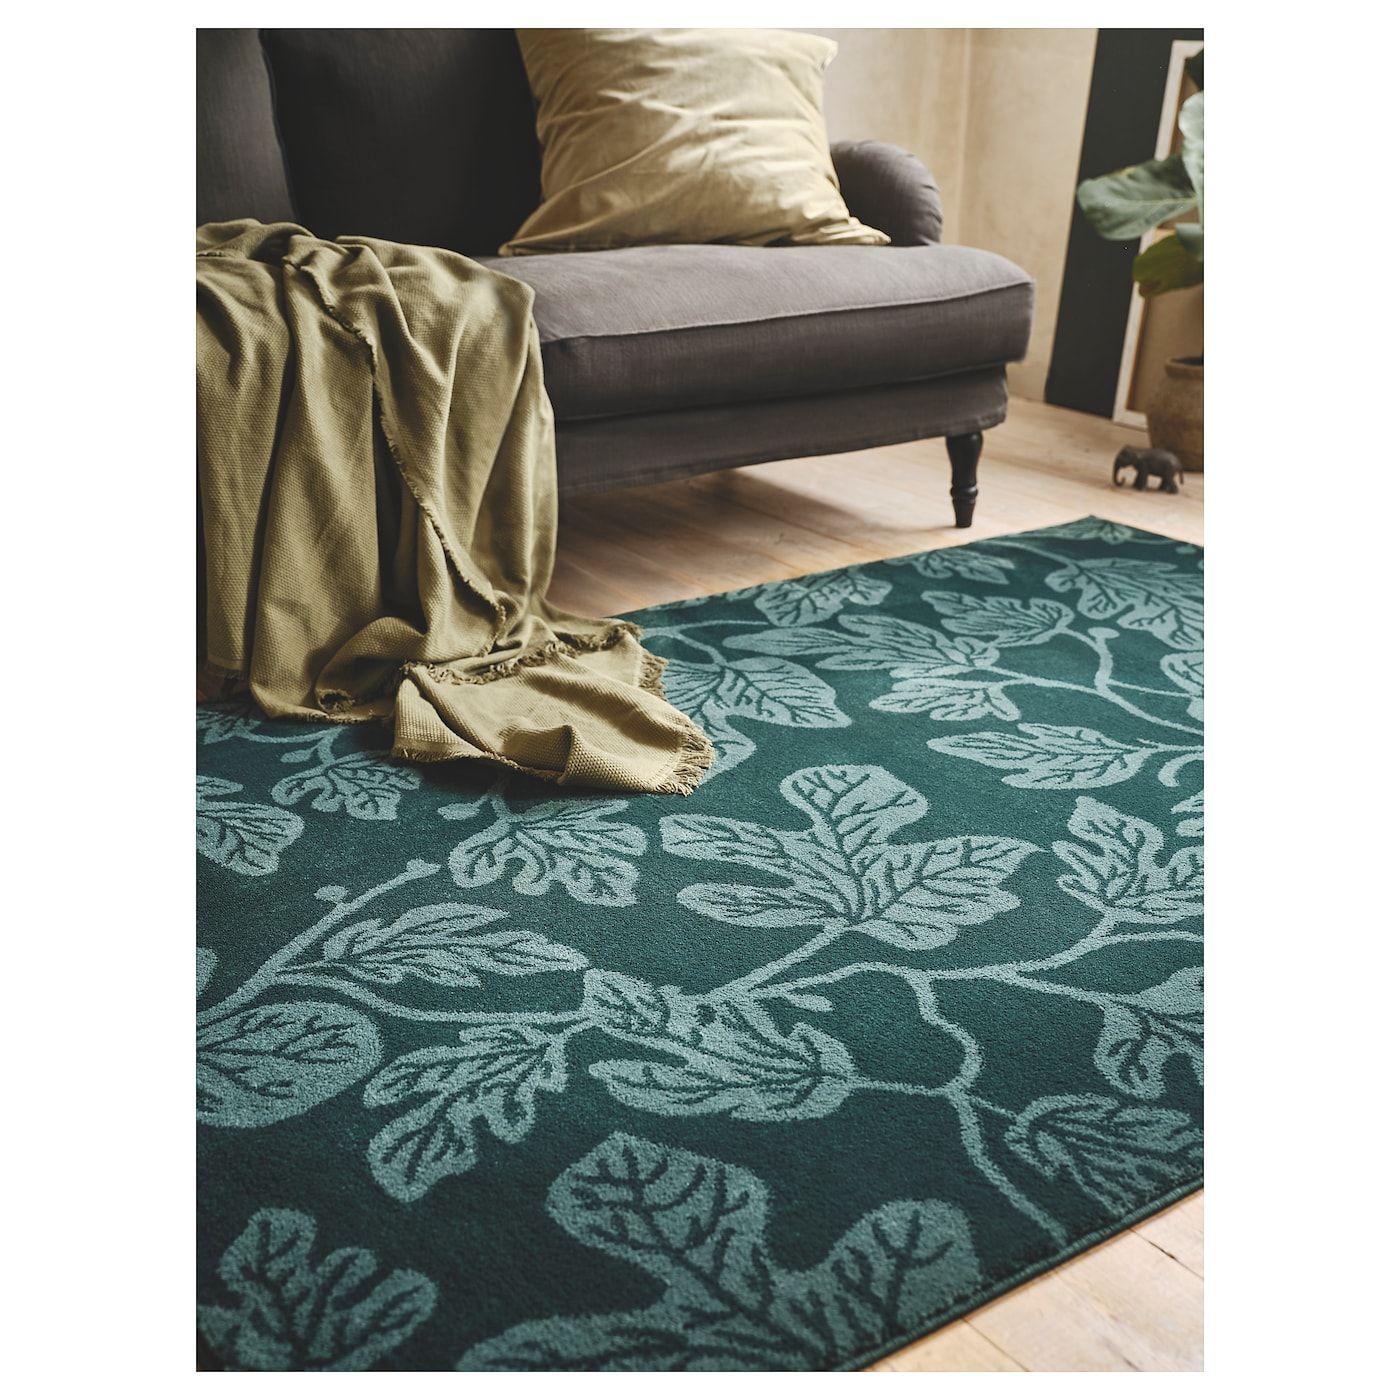 Hildigard Teppich Kurzflor Grün Teppich Ikea Teppichreinigung